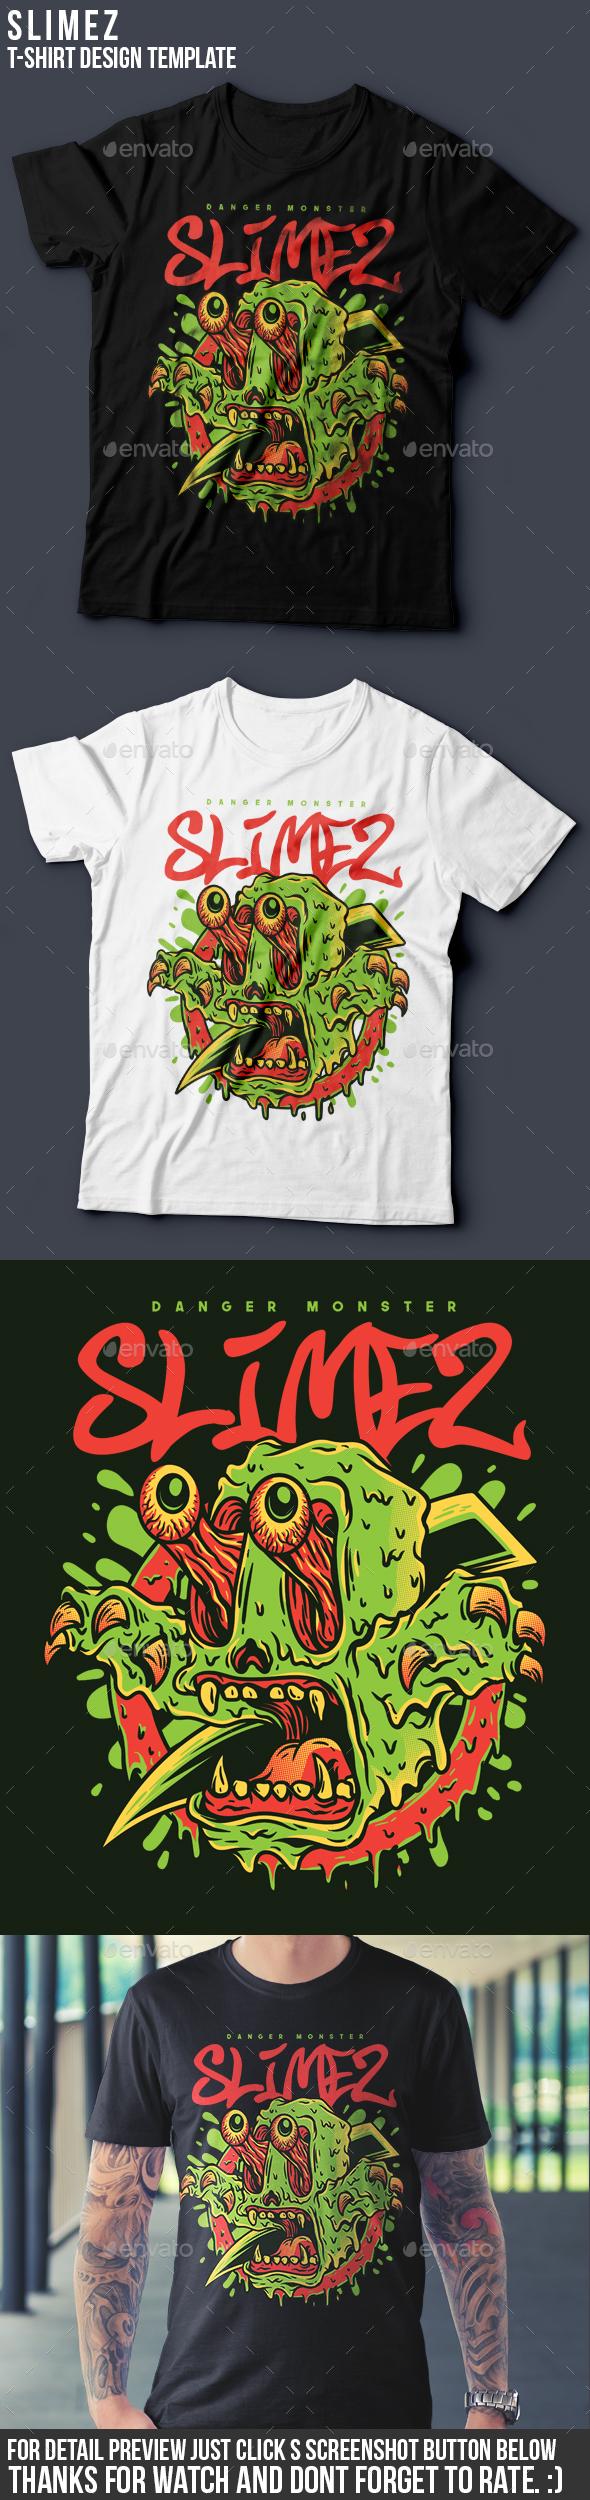 Slimez T-Shirt Design - Grunge Designs